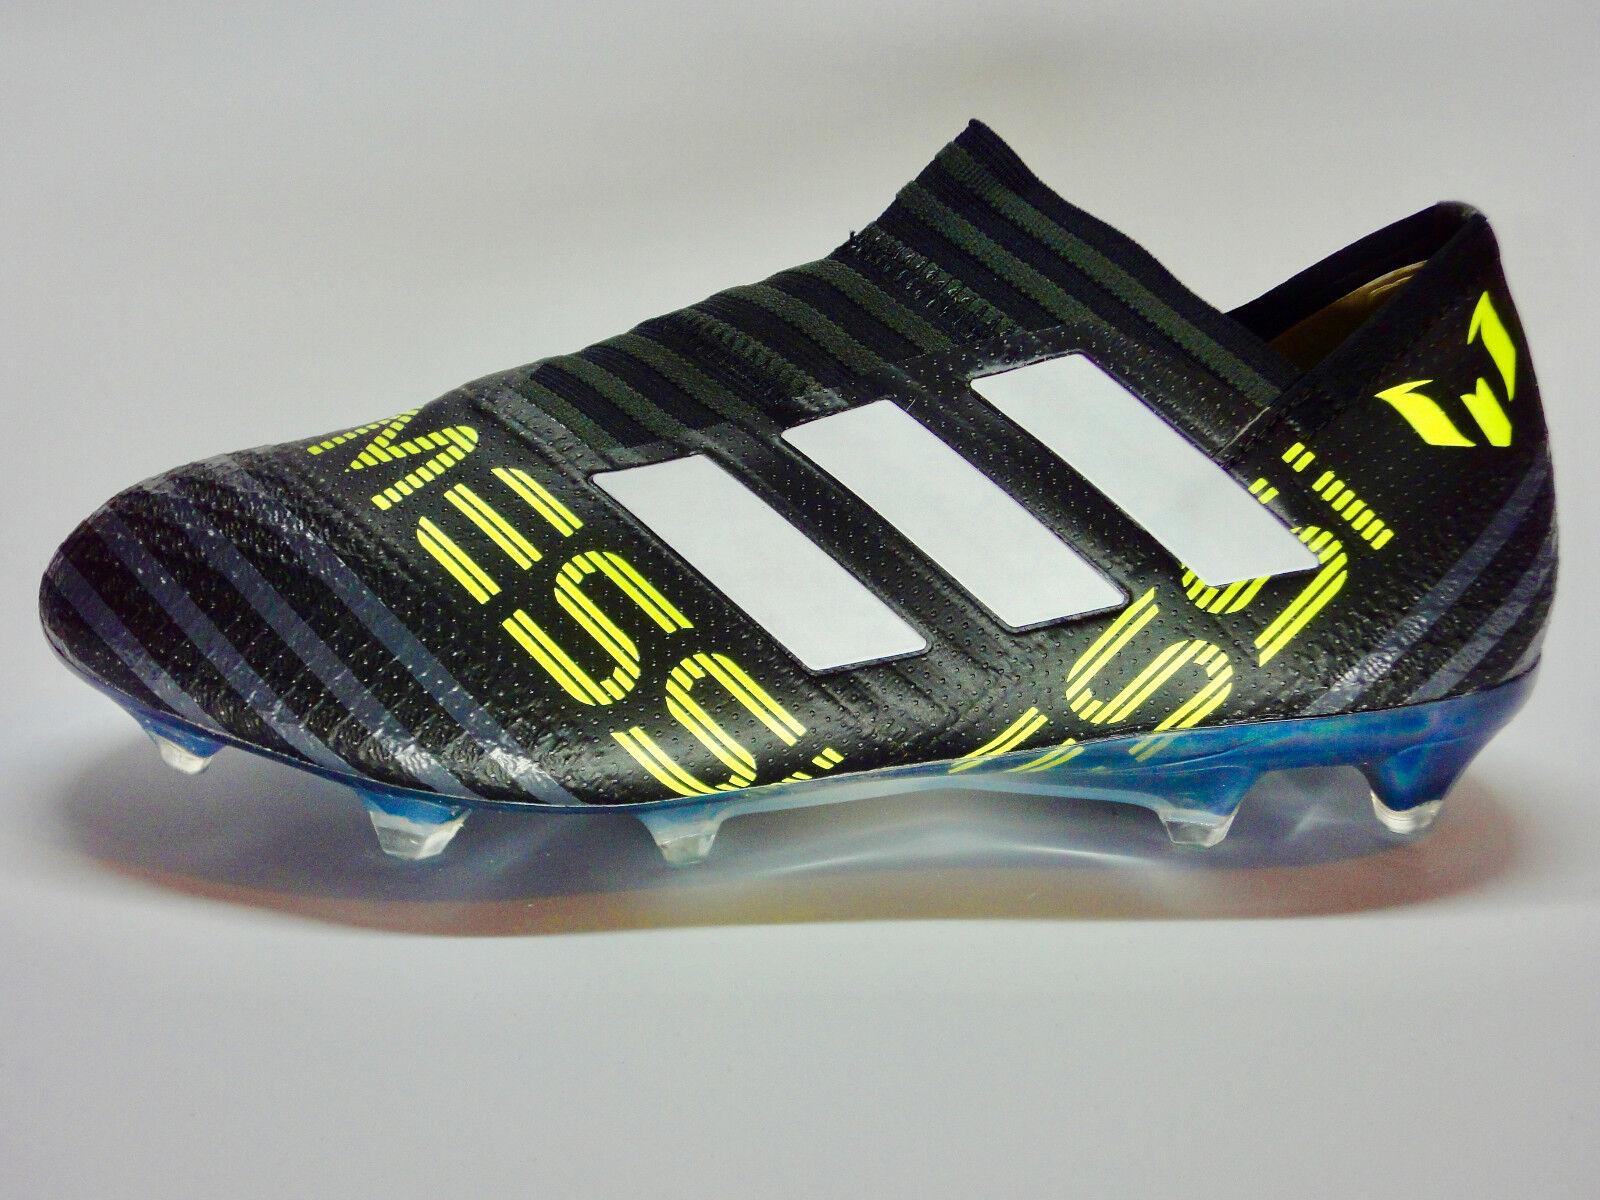 Adidas Nemeziz Messi 17+ 17+ 17+ 360 Agility FG Herrenschuhe schwarz weiß gelb CG2960 75ce56